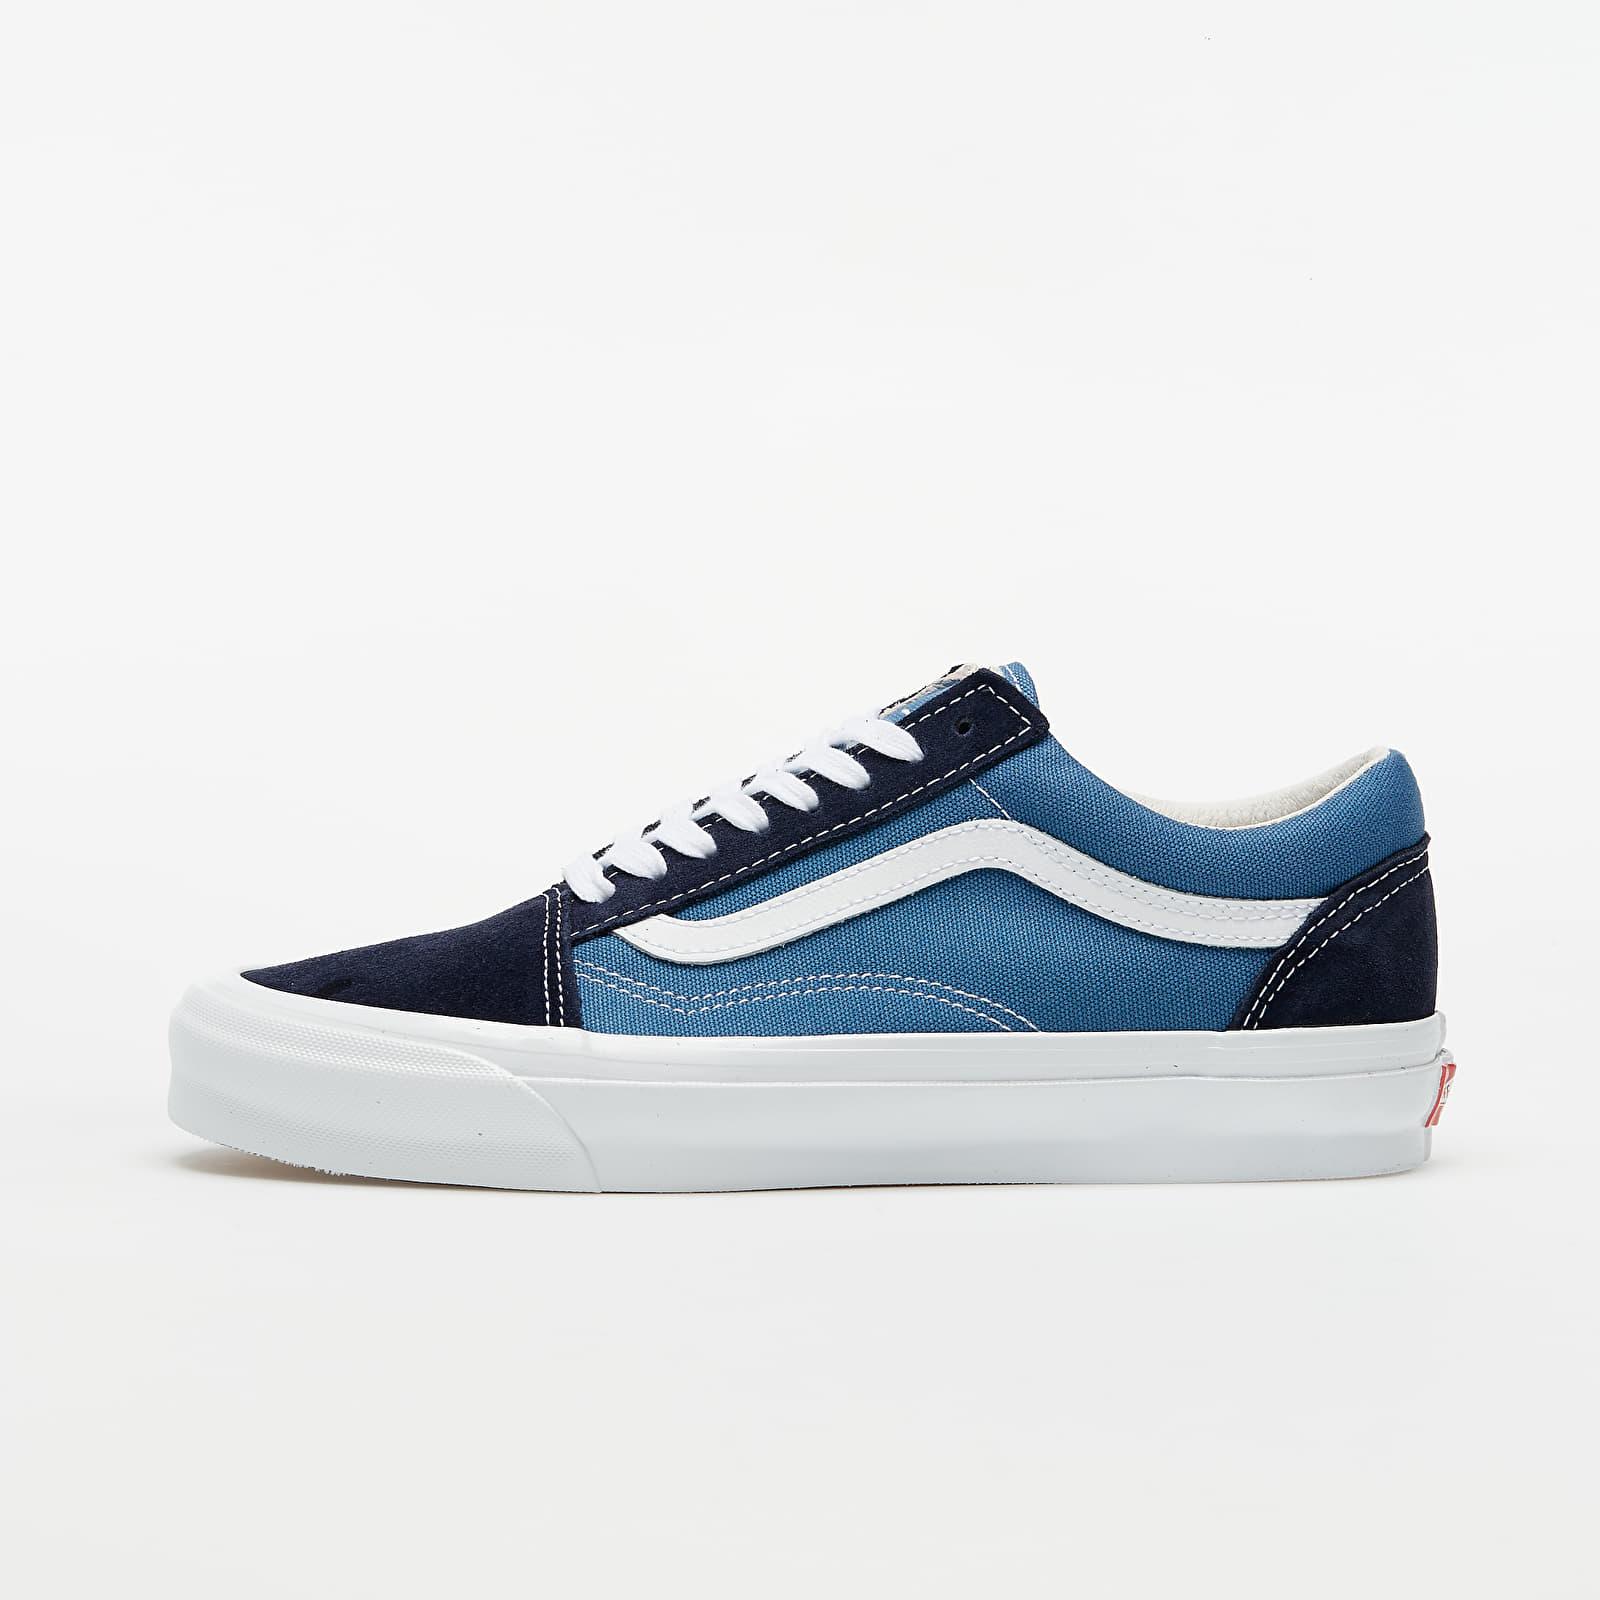 Pánske tenisky a topánky Vans OG Old Skool LX (Suede/ Canvas) Navy